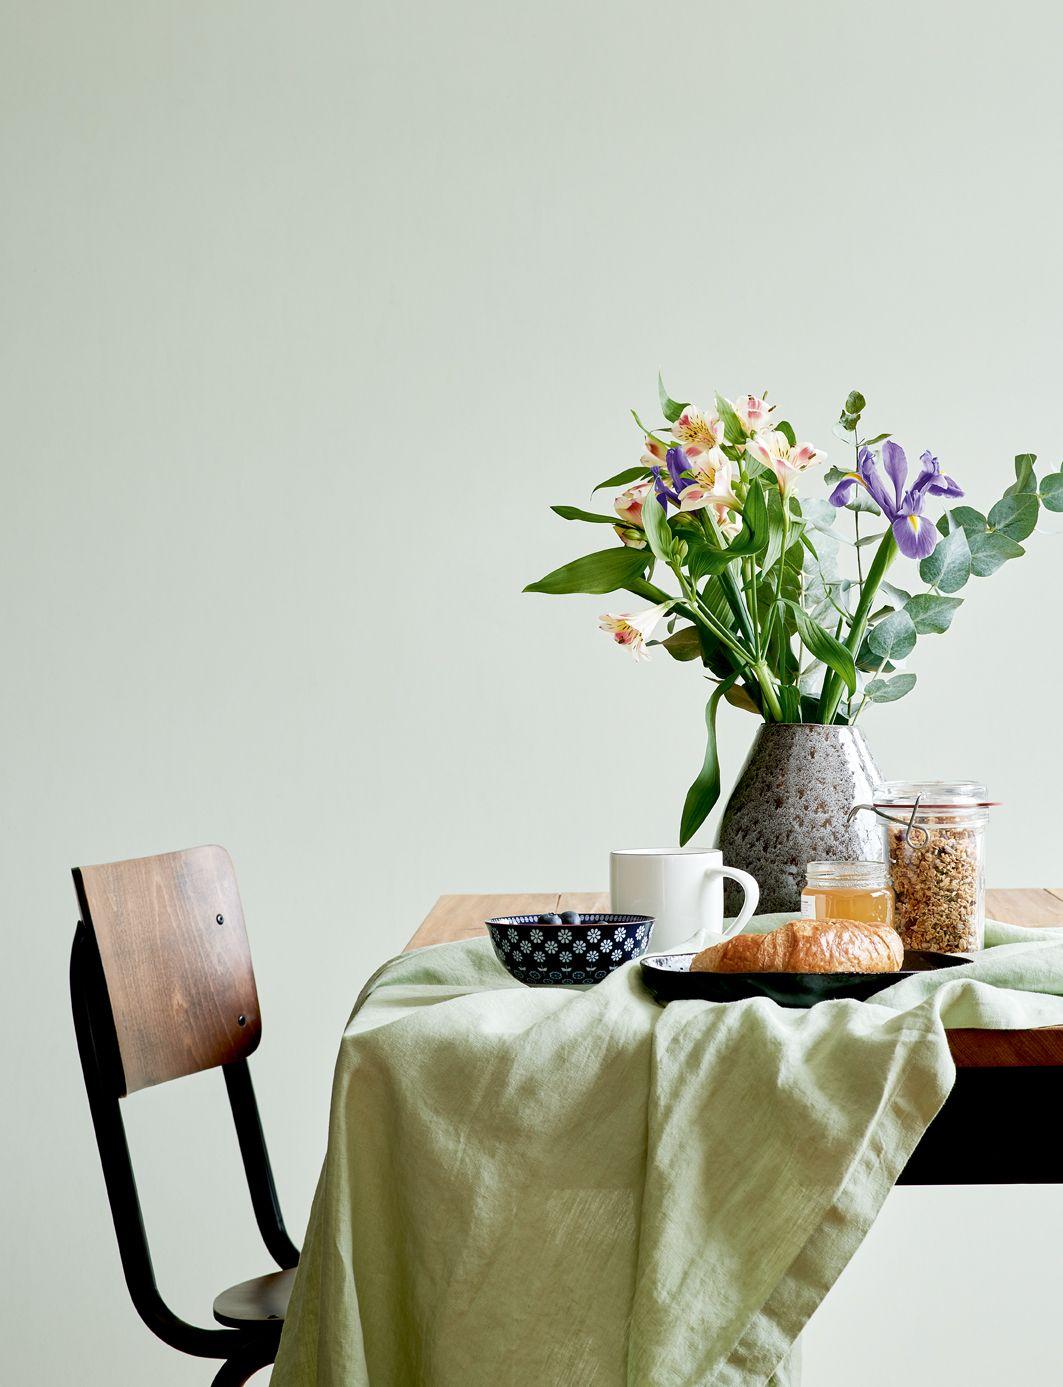 Interio Fruhling2017 Spring Breakfast Essen Tisch Stuhl Fruhstuck Design Essen Textilien